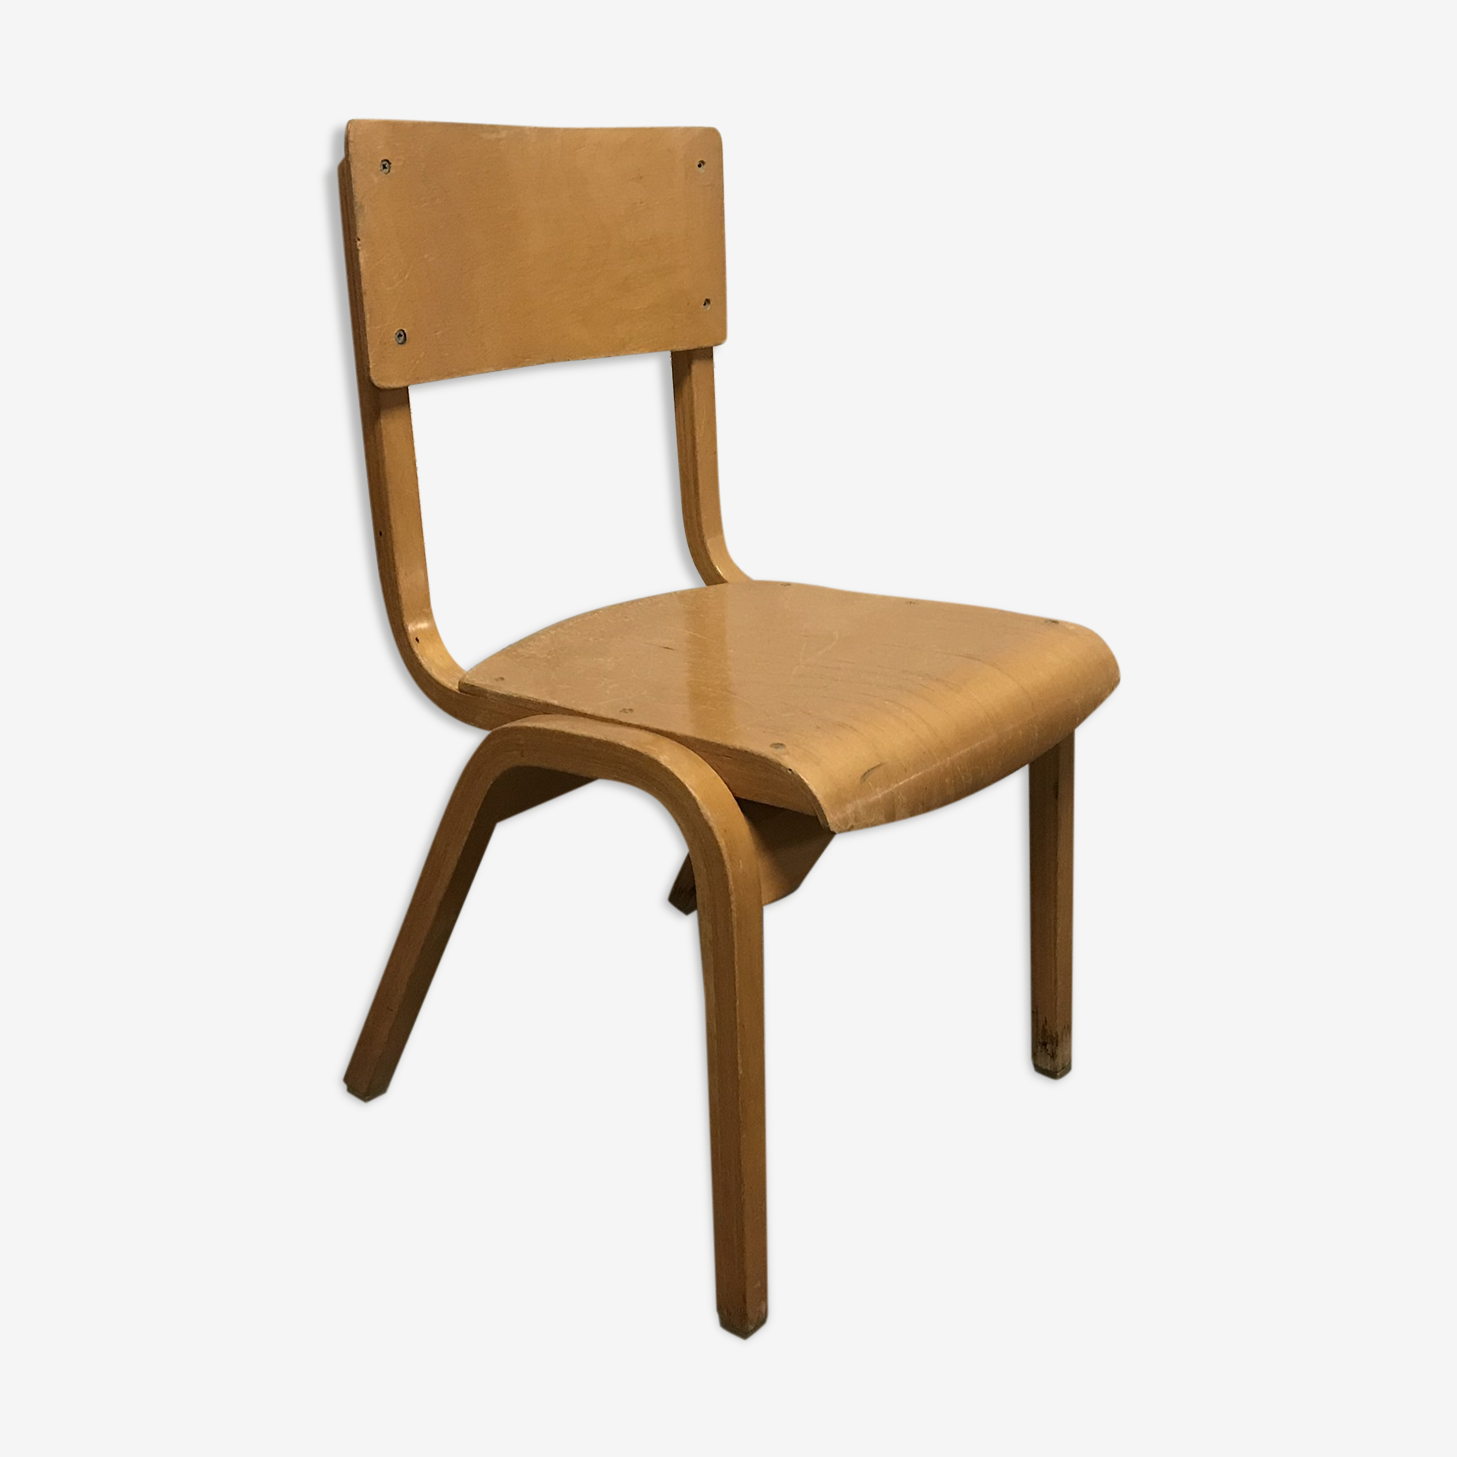 Chaise enfant baumann en bois courbé des années 60